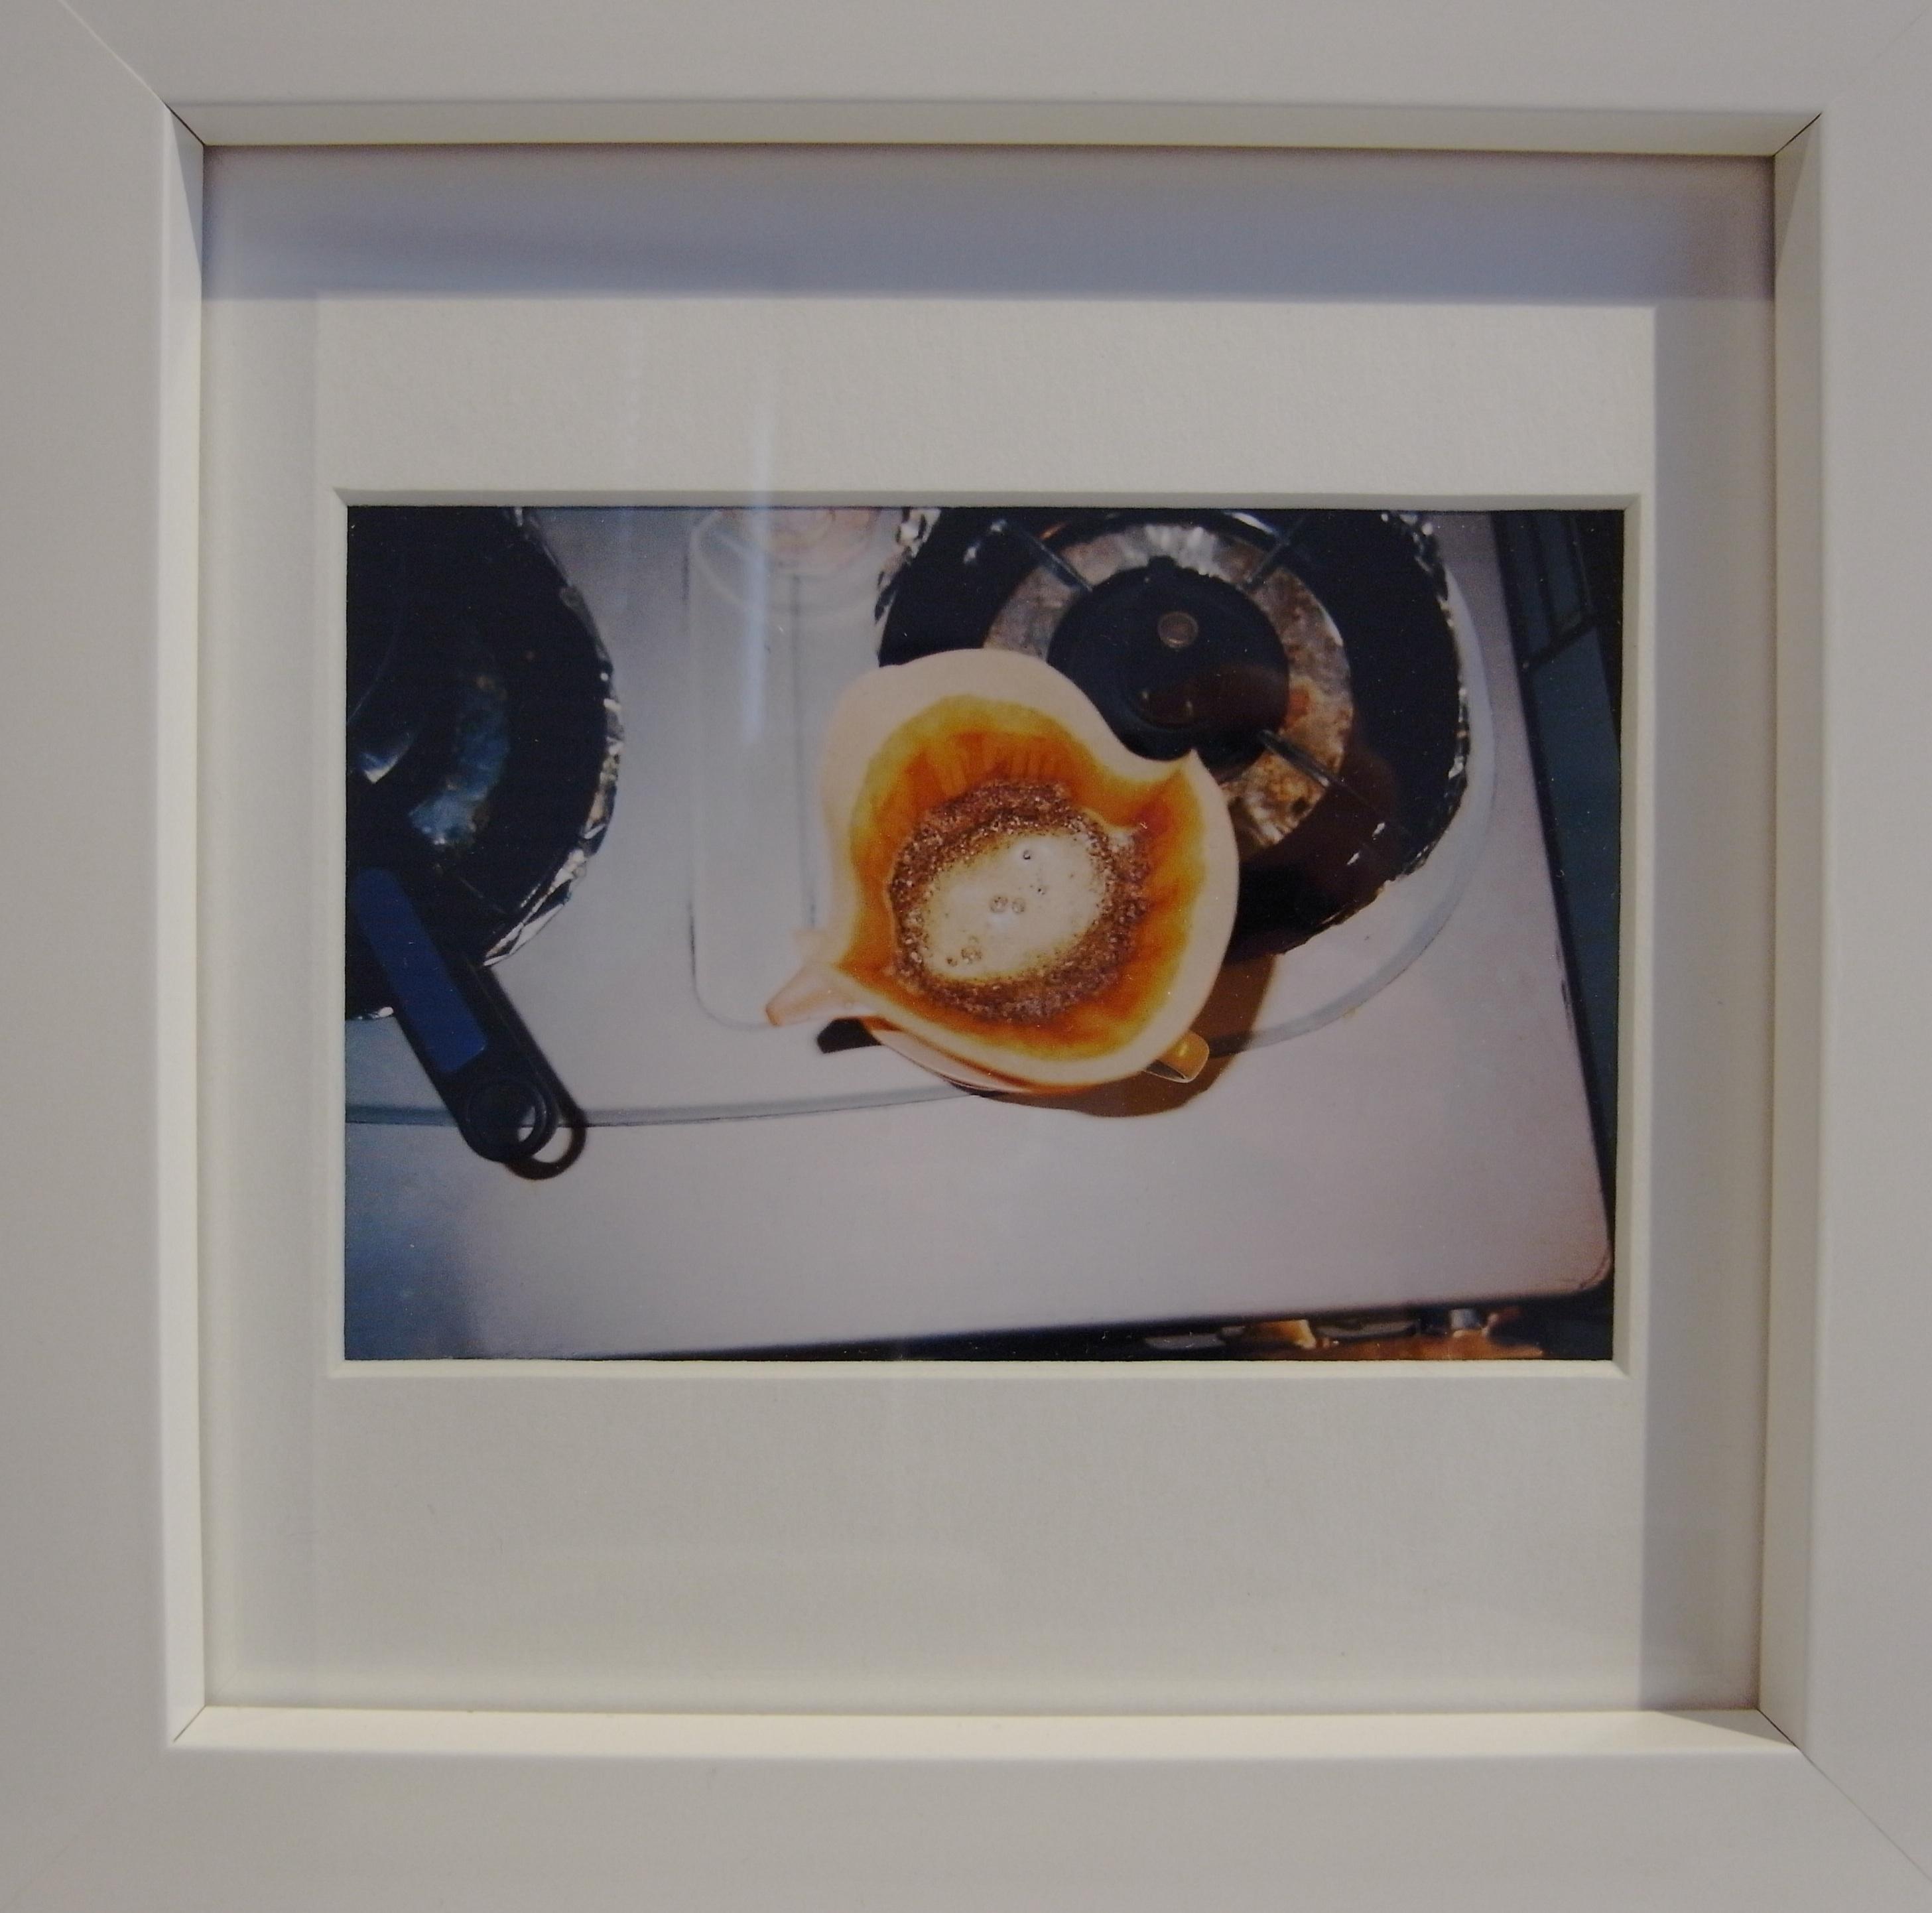 林和美写真展 余白色 sold作品 art gallery m84